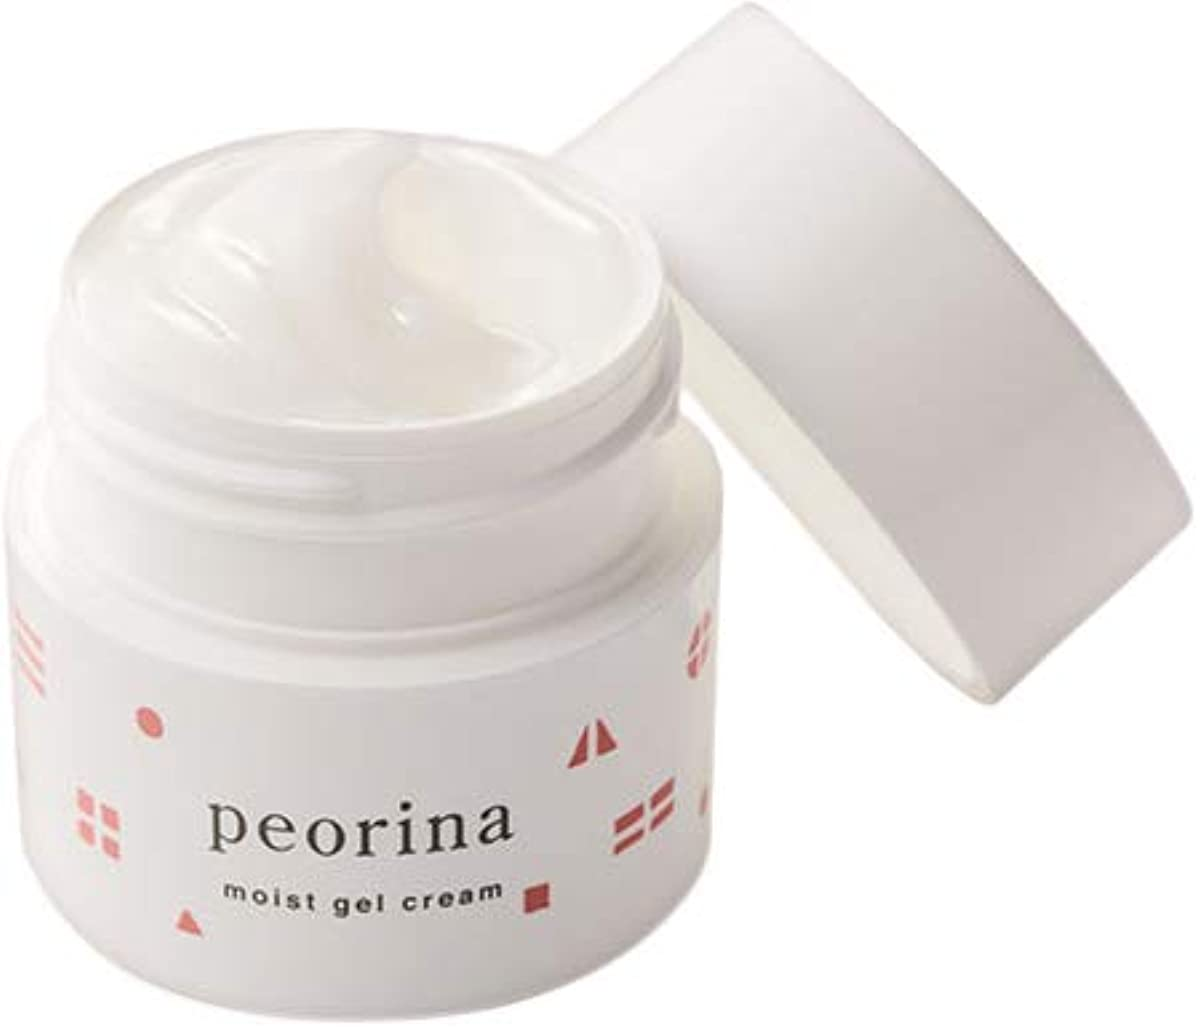 委託インセンティブに対応ピオリナ モイストジェルクリーム 保湿 スキンケア ヒト型 セラミド 保水肌 美肌 次世代型 ビタミンC 誘導体